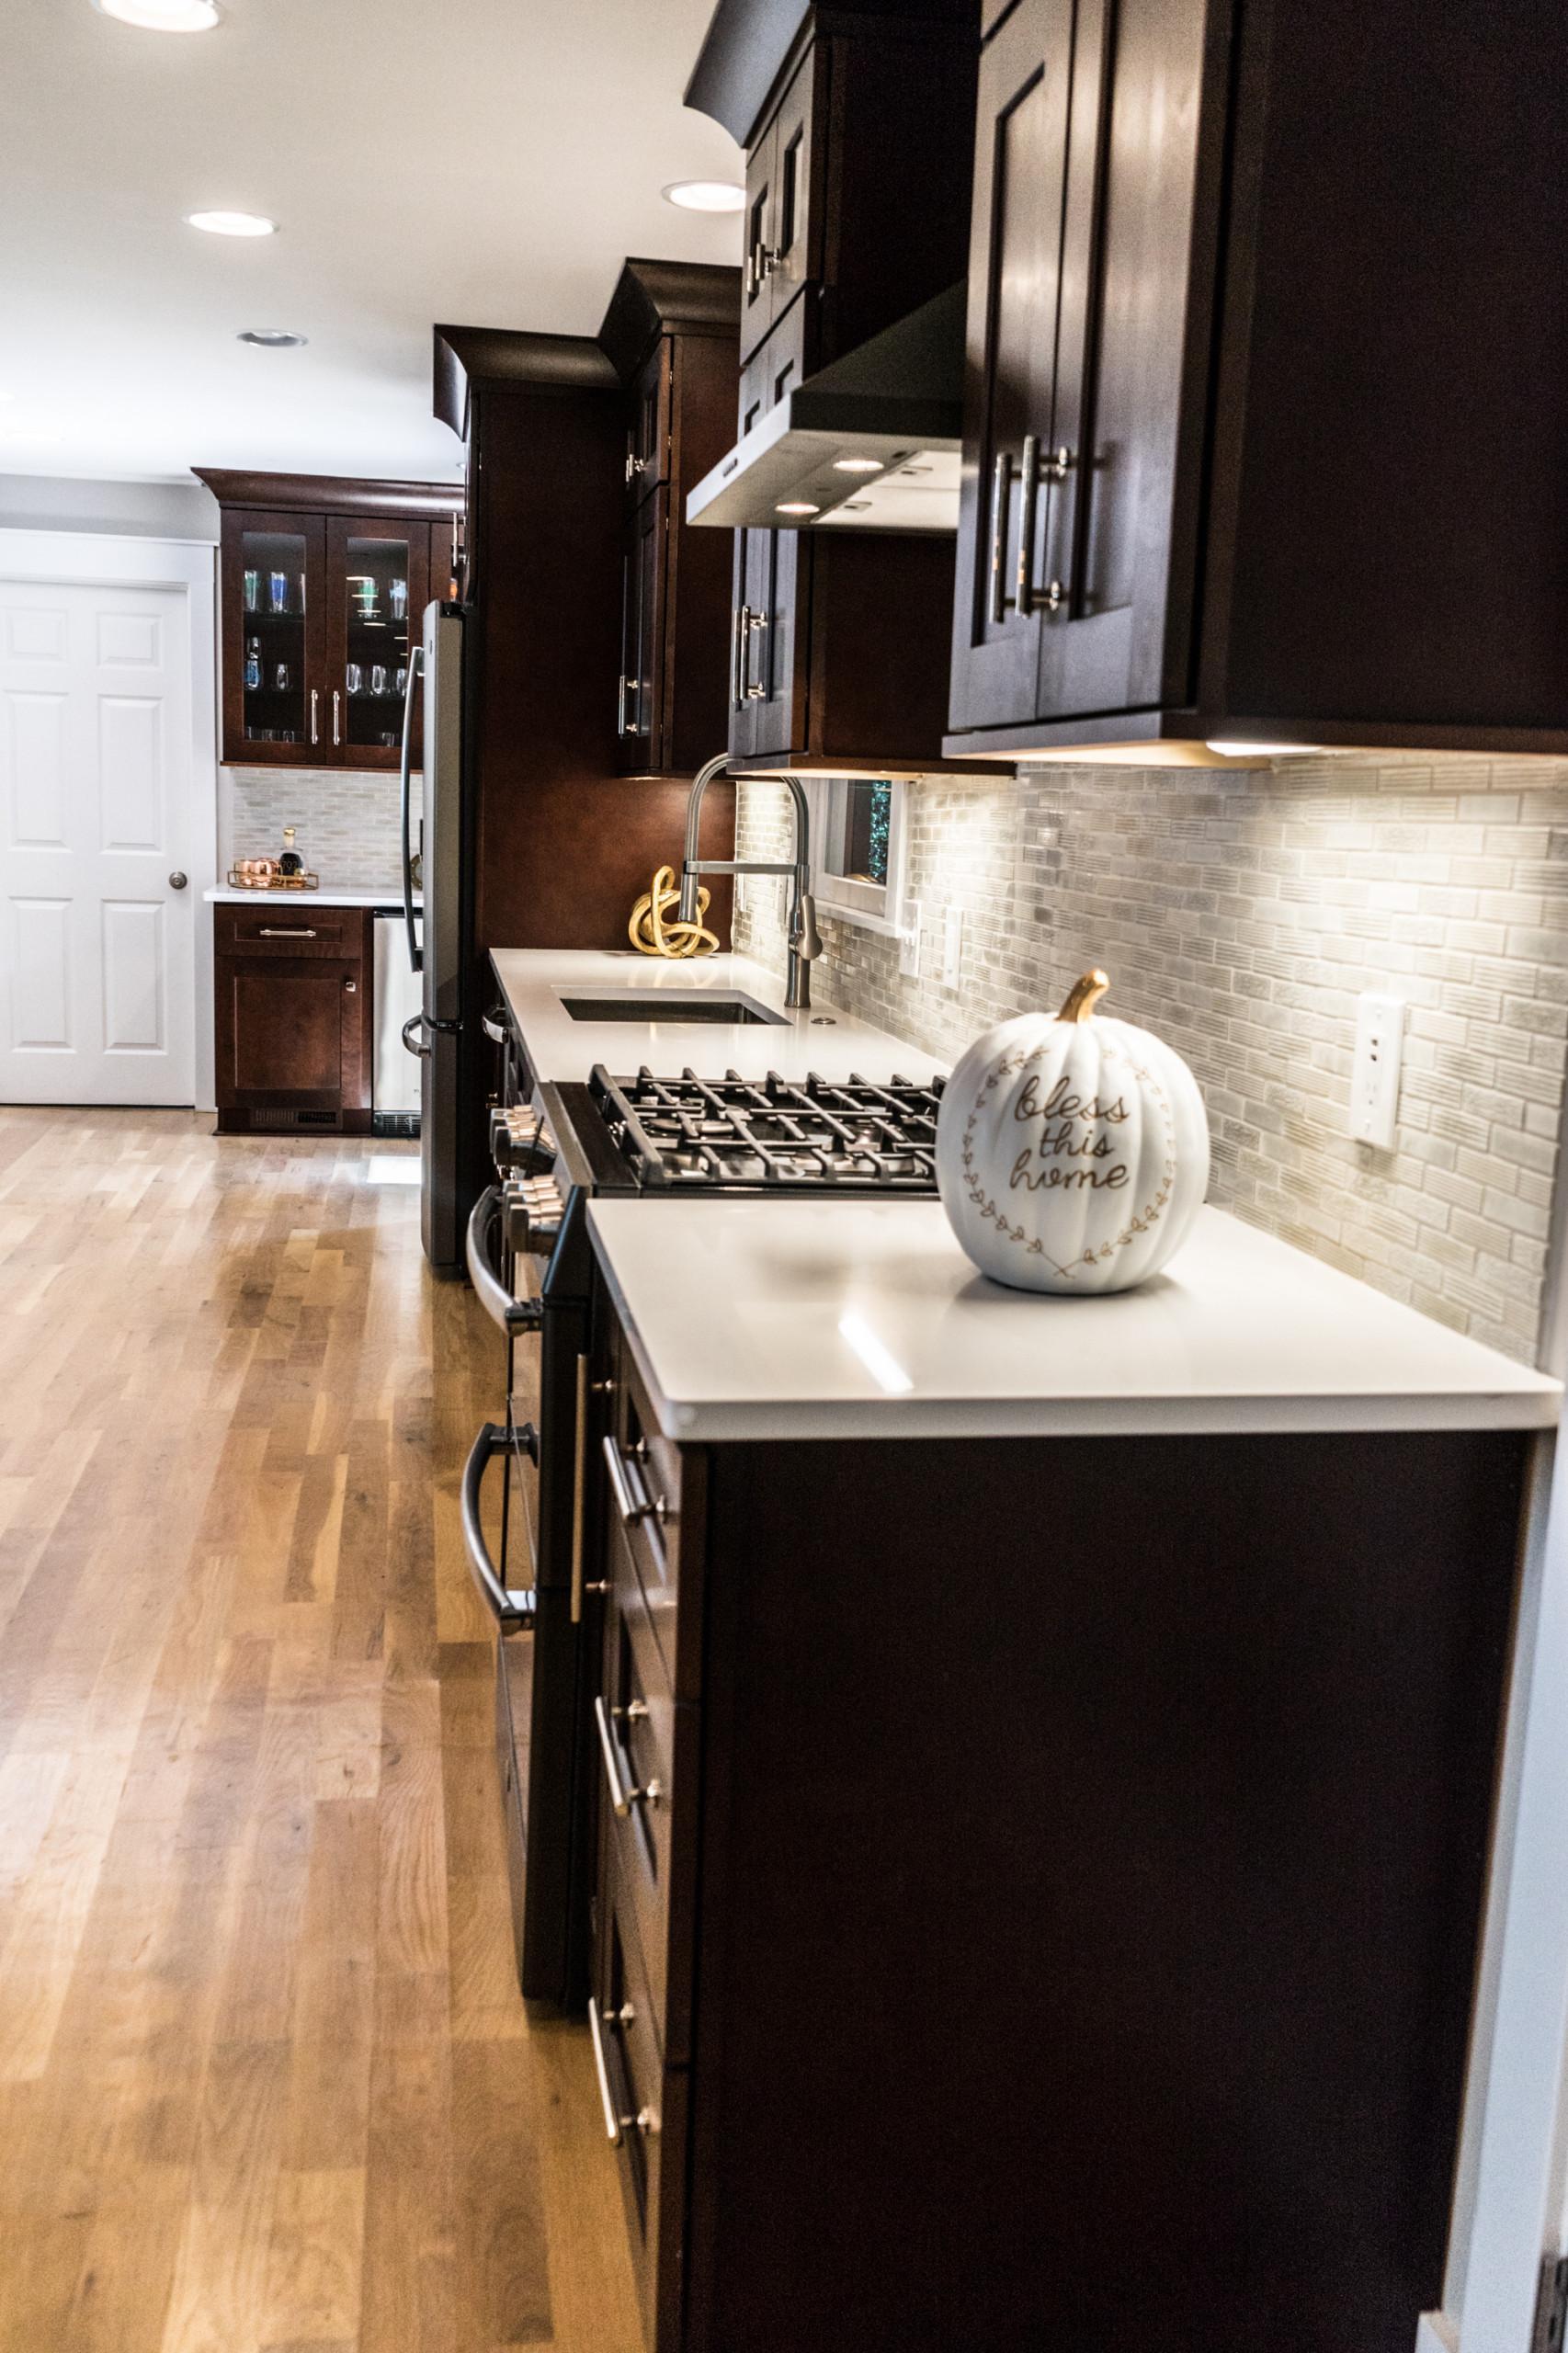 Decatur Transitional Kitchen